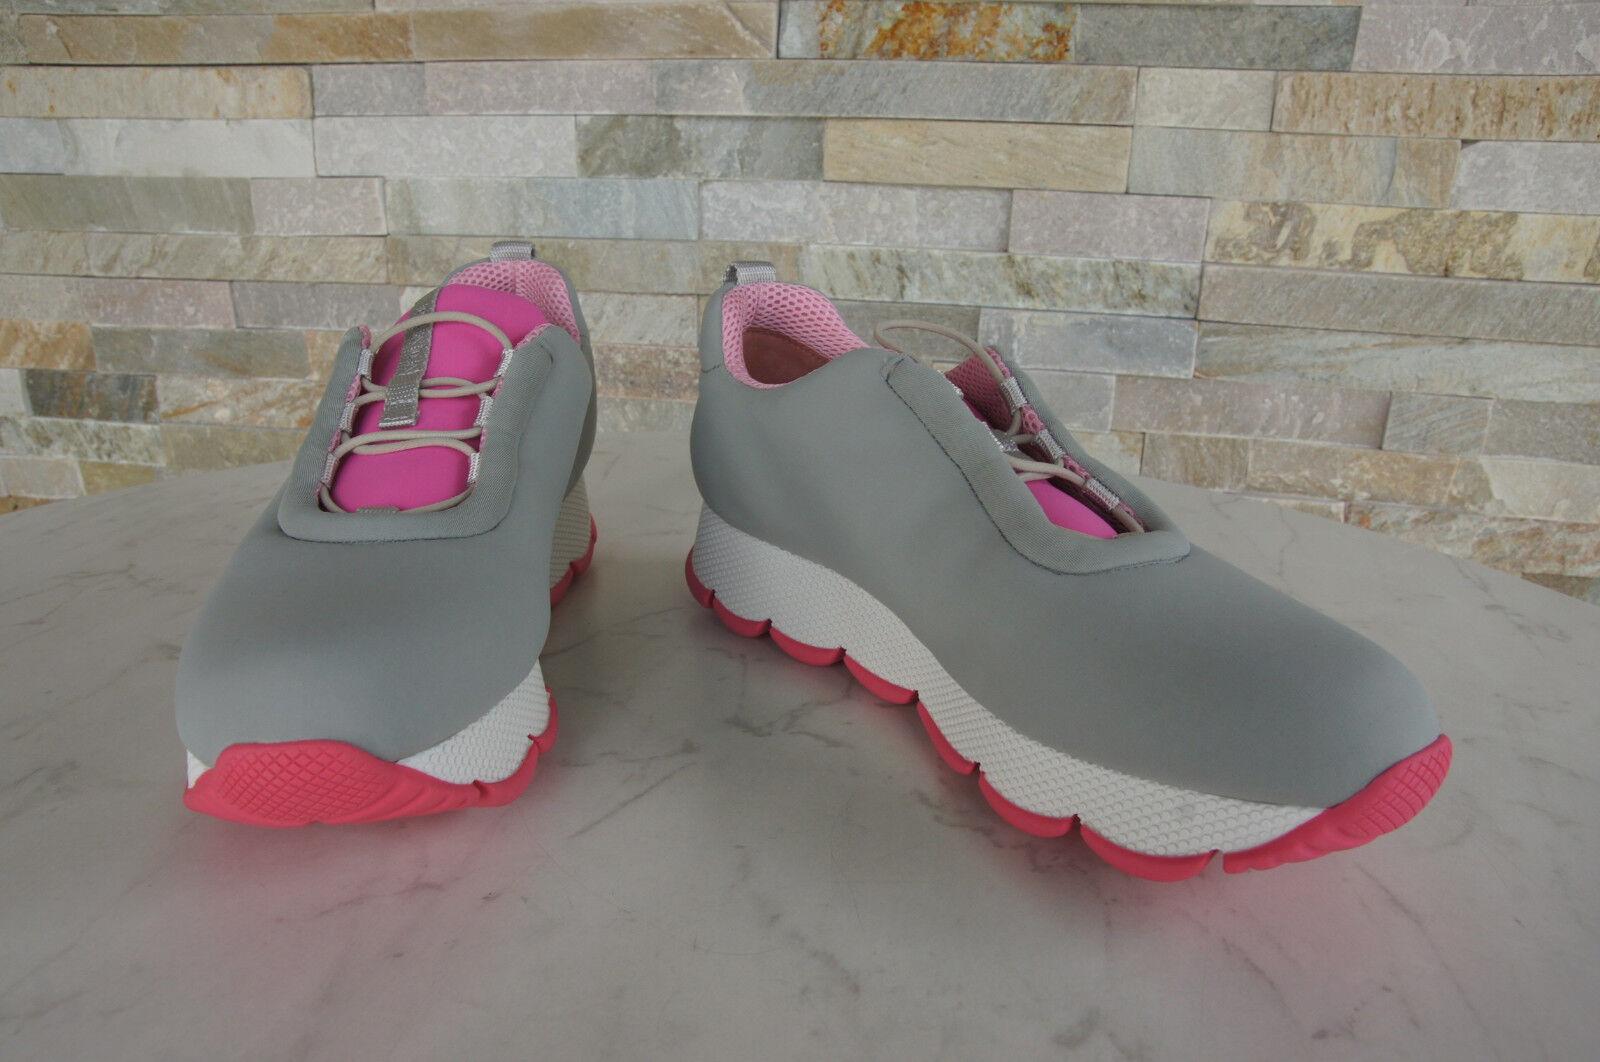 Luxus Luxus Luxus PRADA Gr 39 Slipper Sneakers Neopren 3E6233 Schuhe schuhe NEU 8c49bc